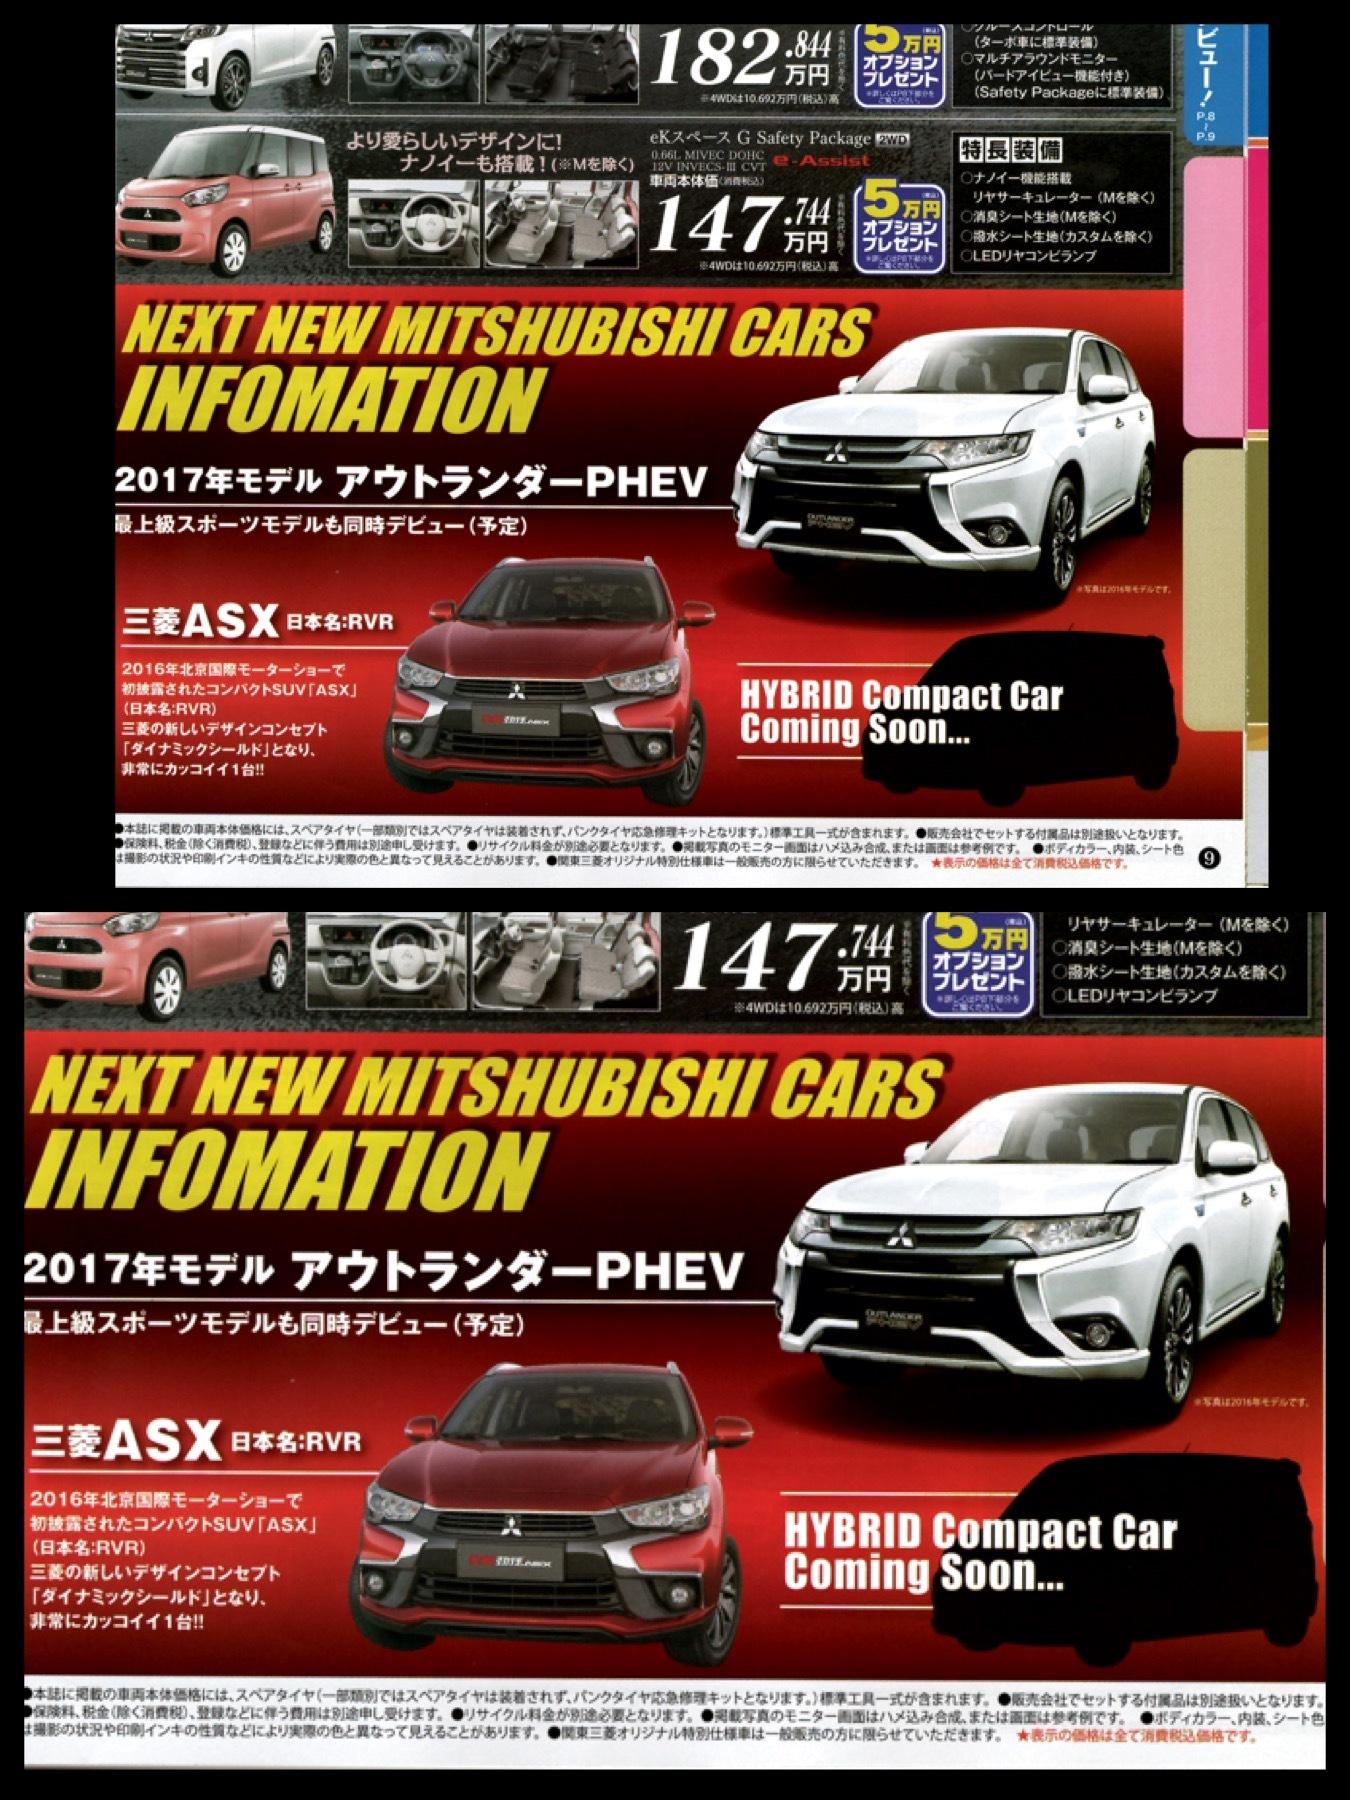 三菱アウトランダーPHEV 2017年モデル スポーツモデル